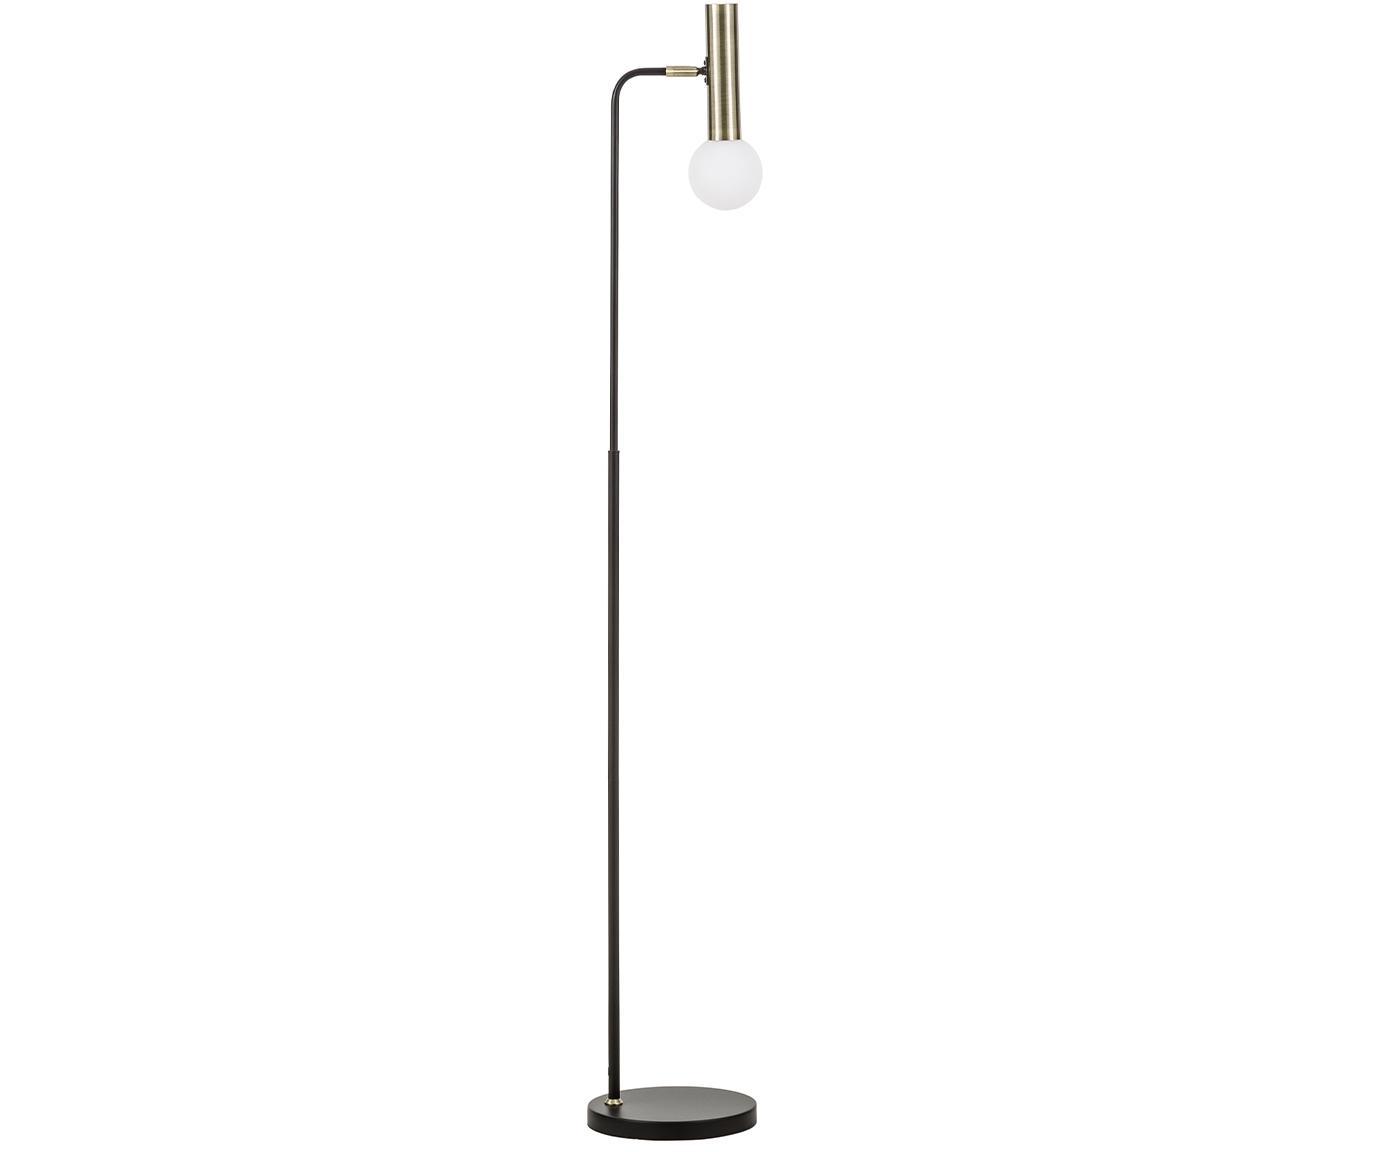 Leselampe Wilson, Lampenschirm: Glas, Schwarz, Ø 23 x H 153 cm